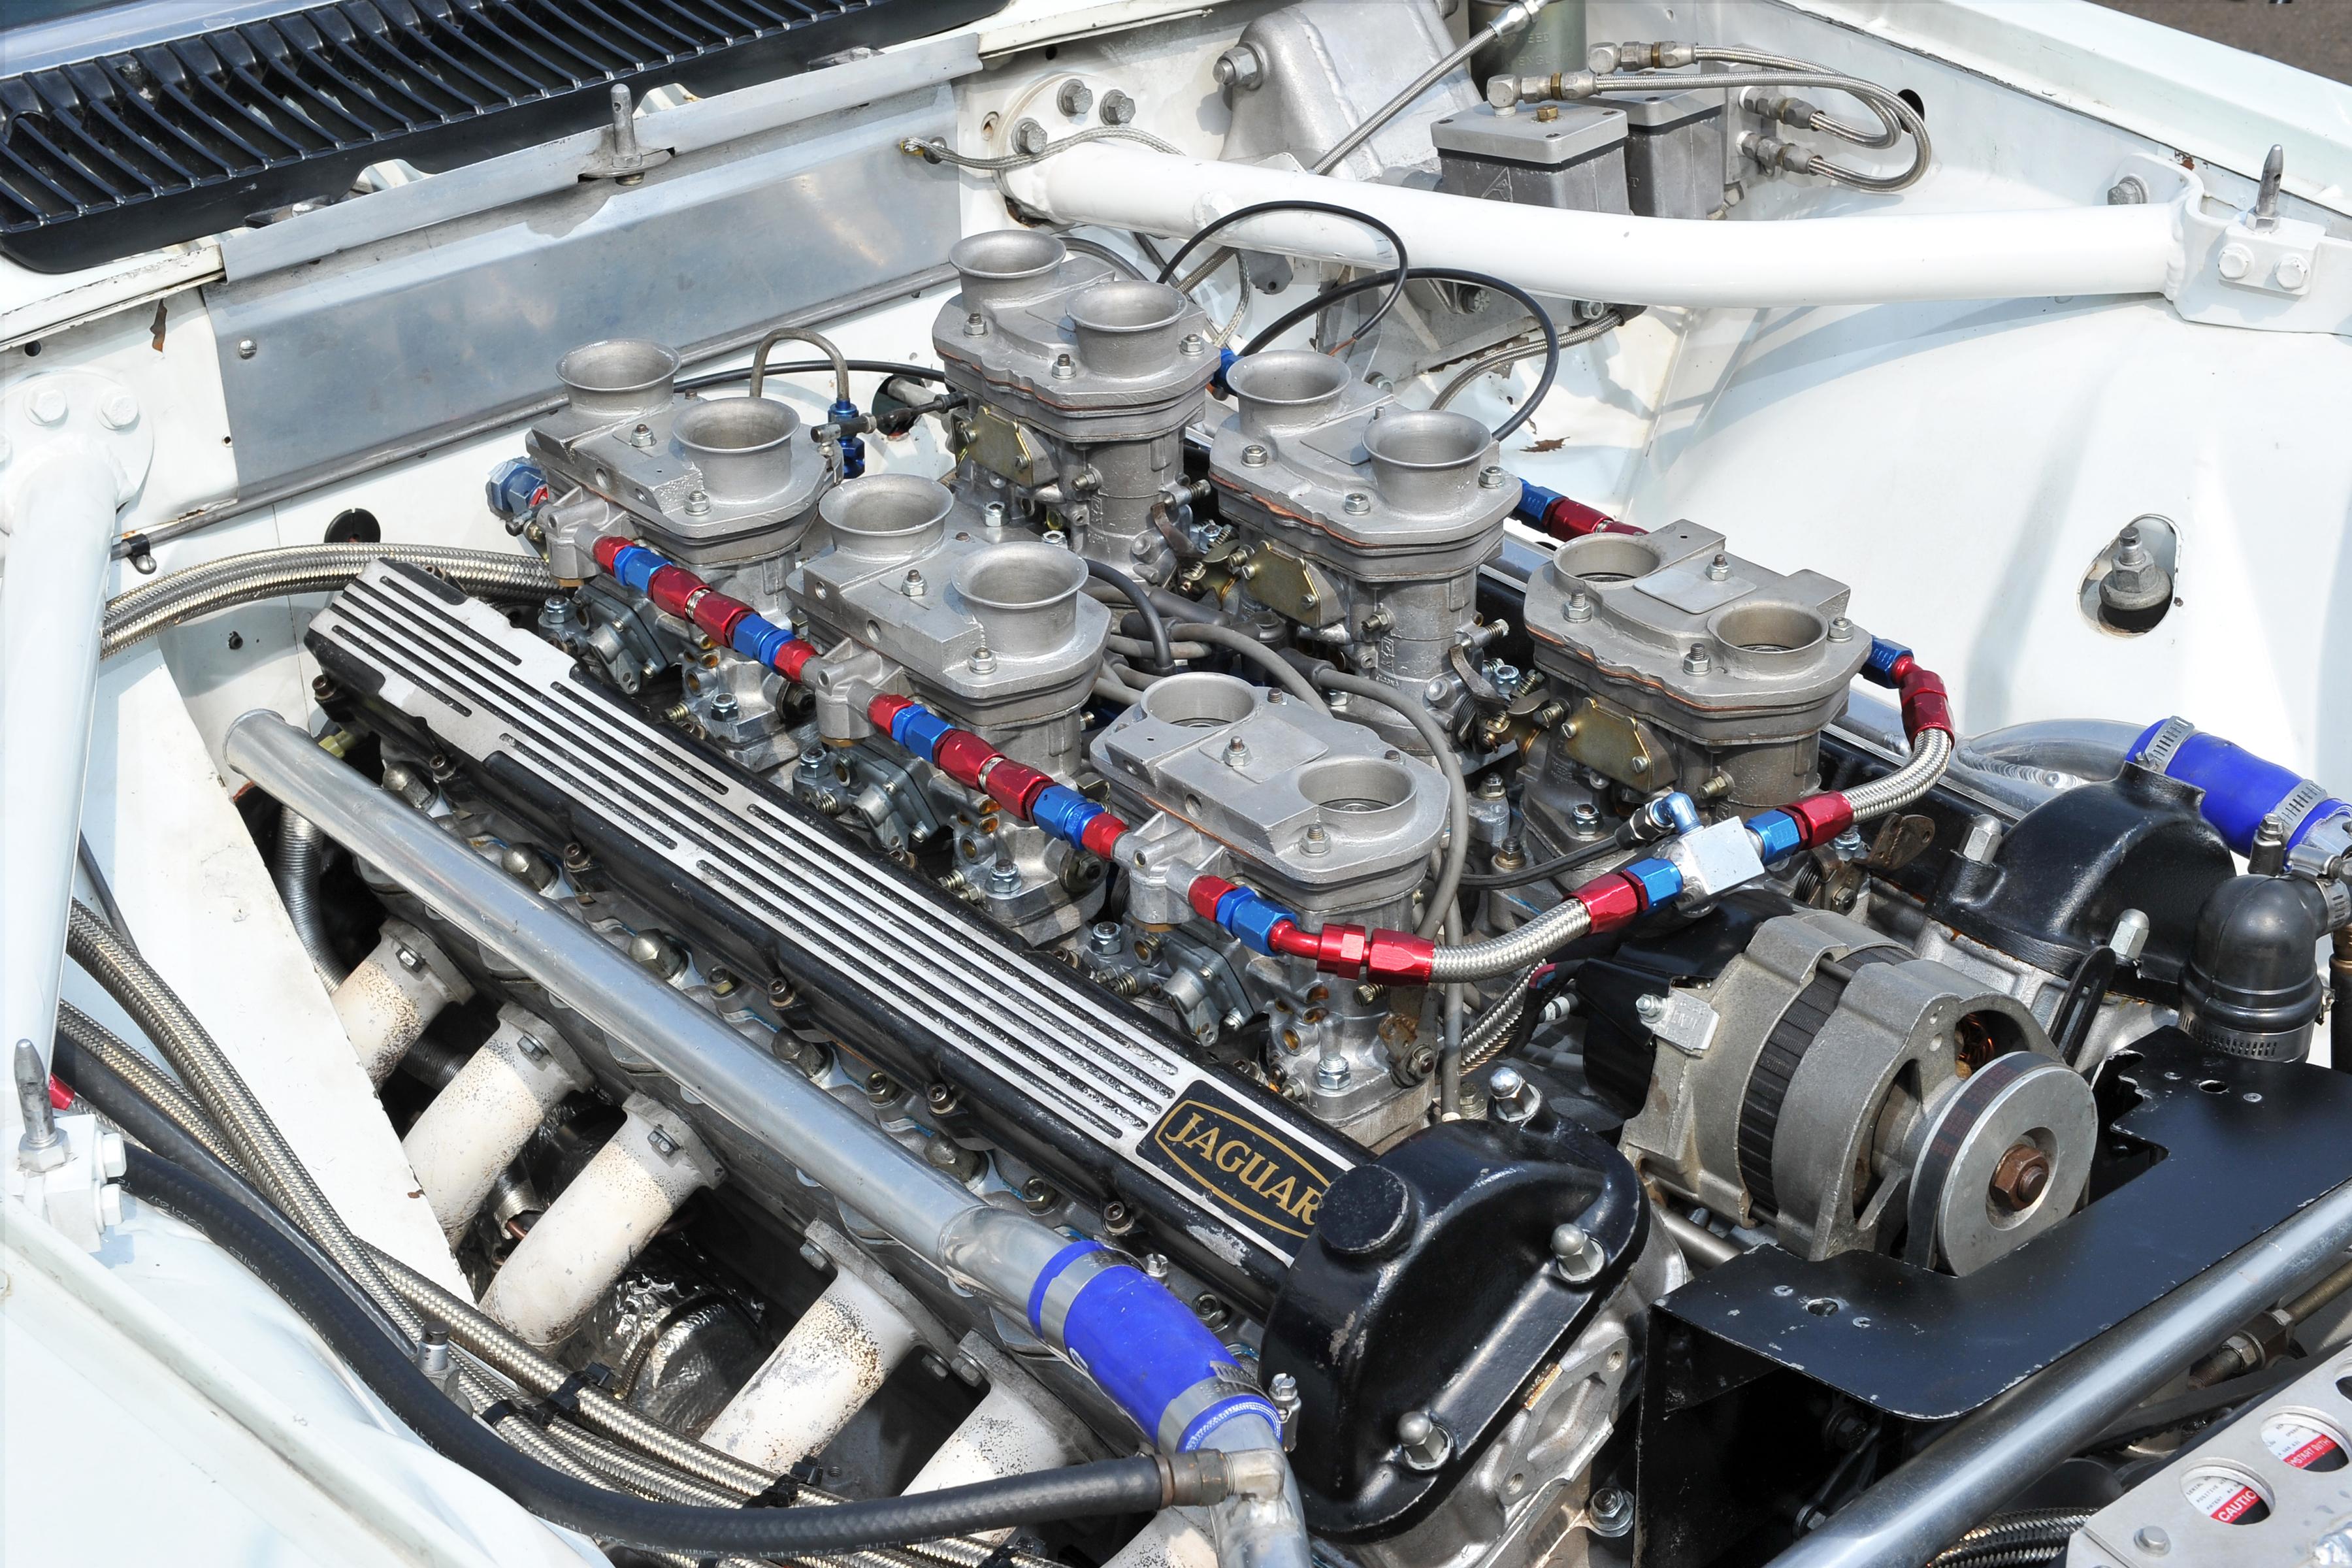 1978 Jaguar XJ-S Group 44 Trans-Am Race Car – Build Race Party